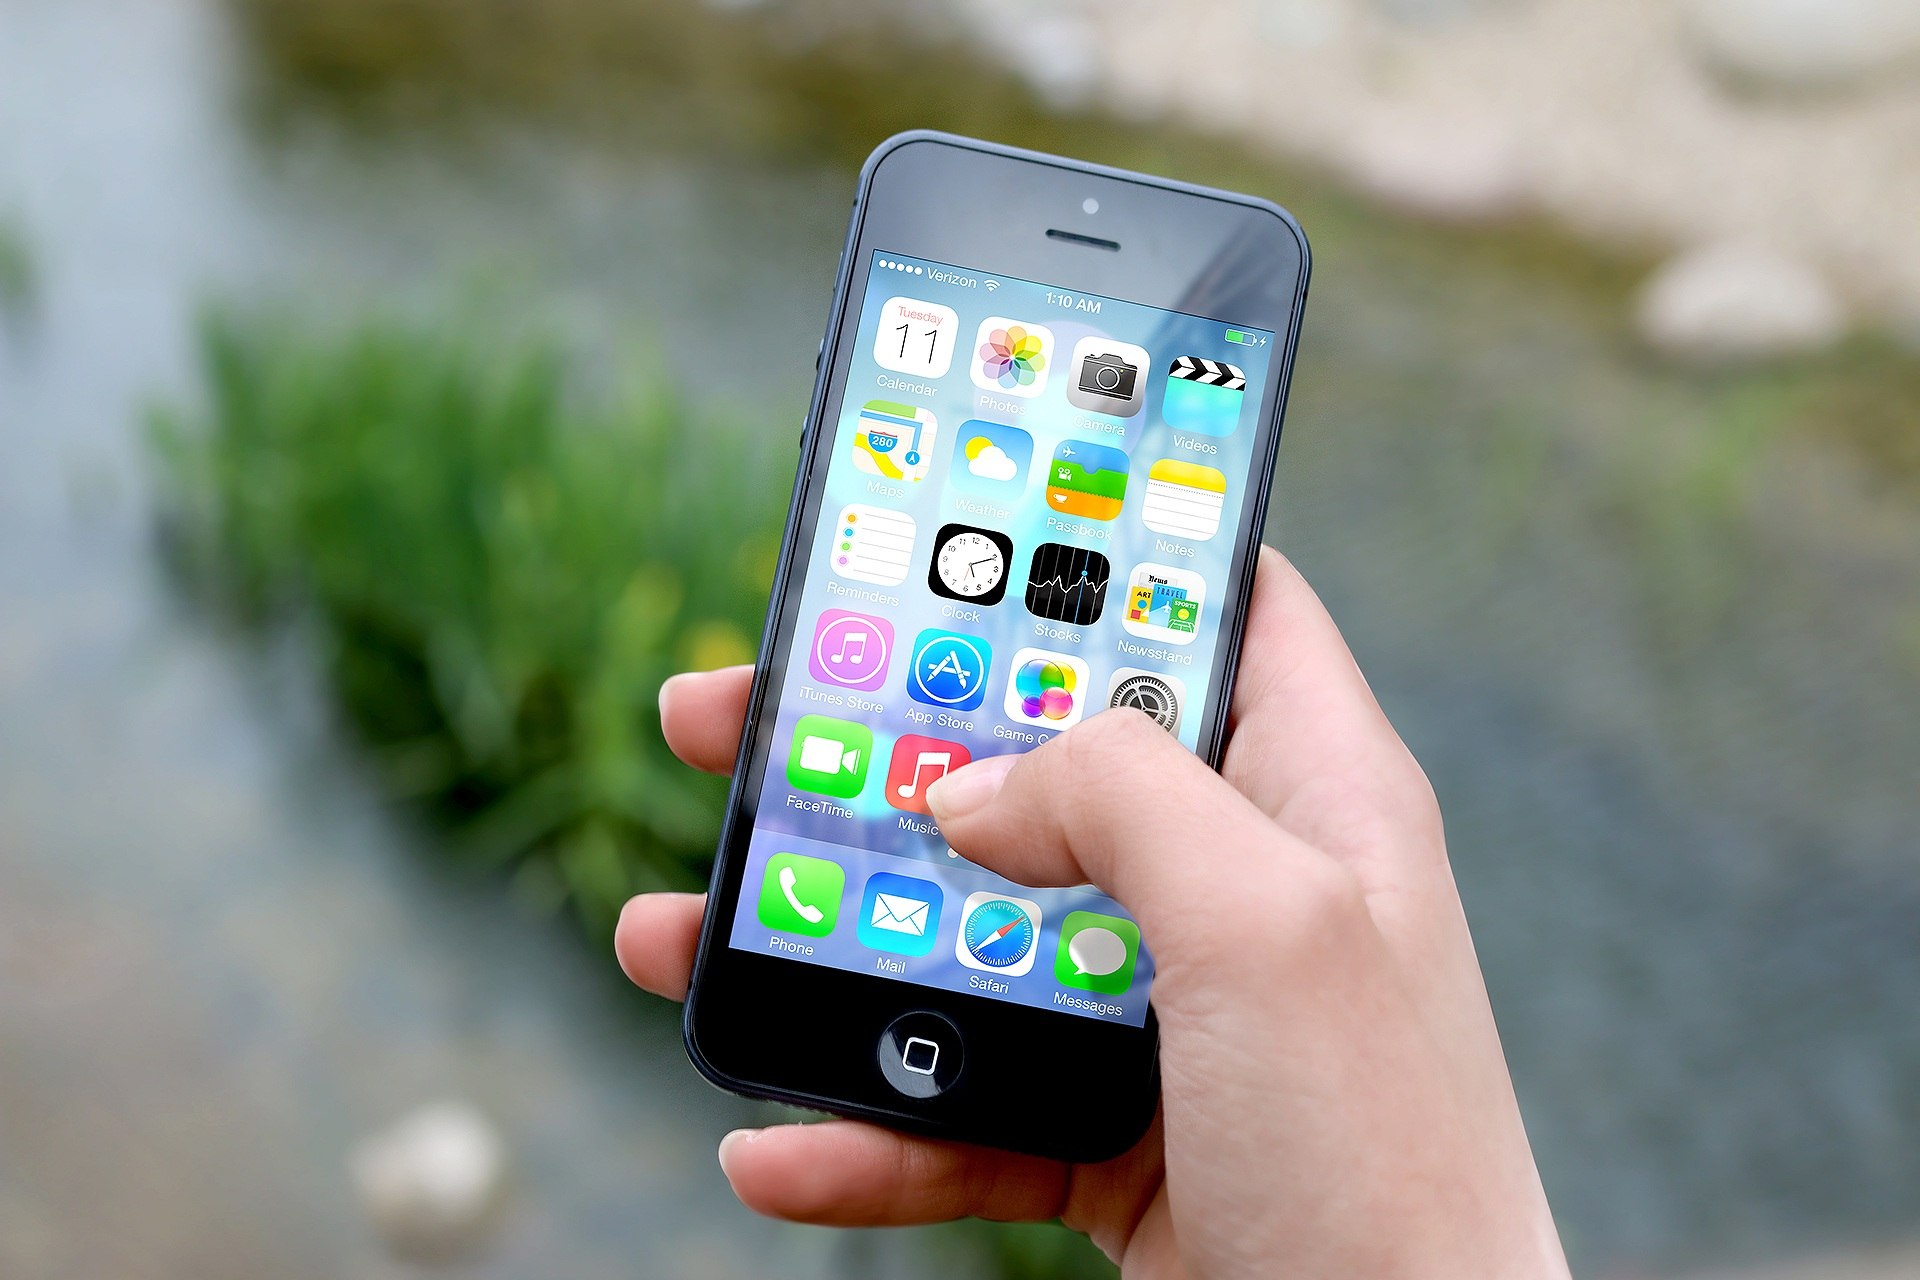 Da li nam ove aplikacije ulivaju poverenje?